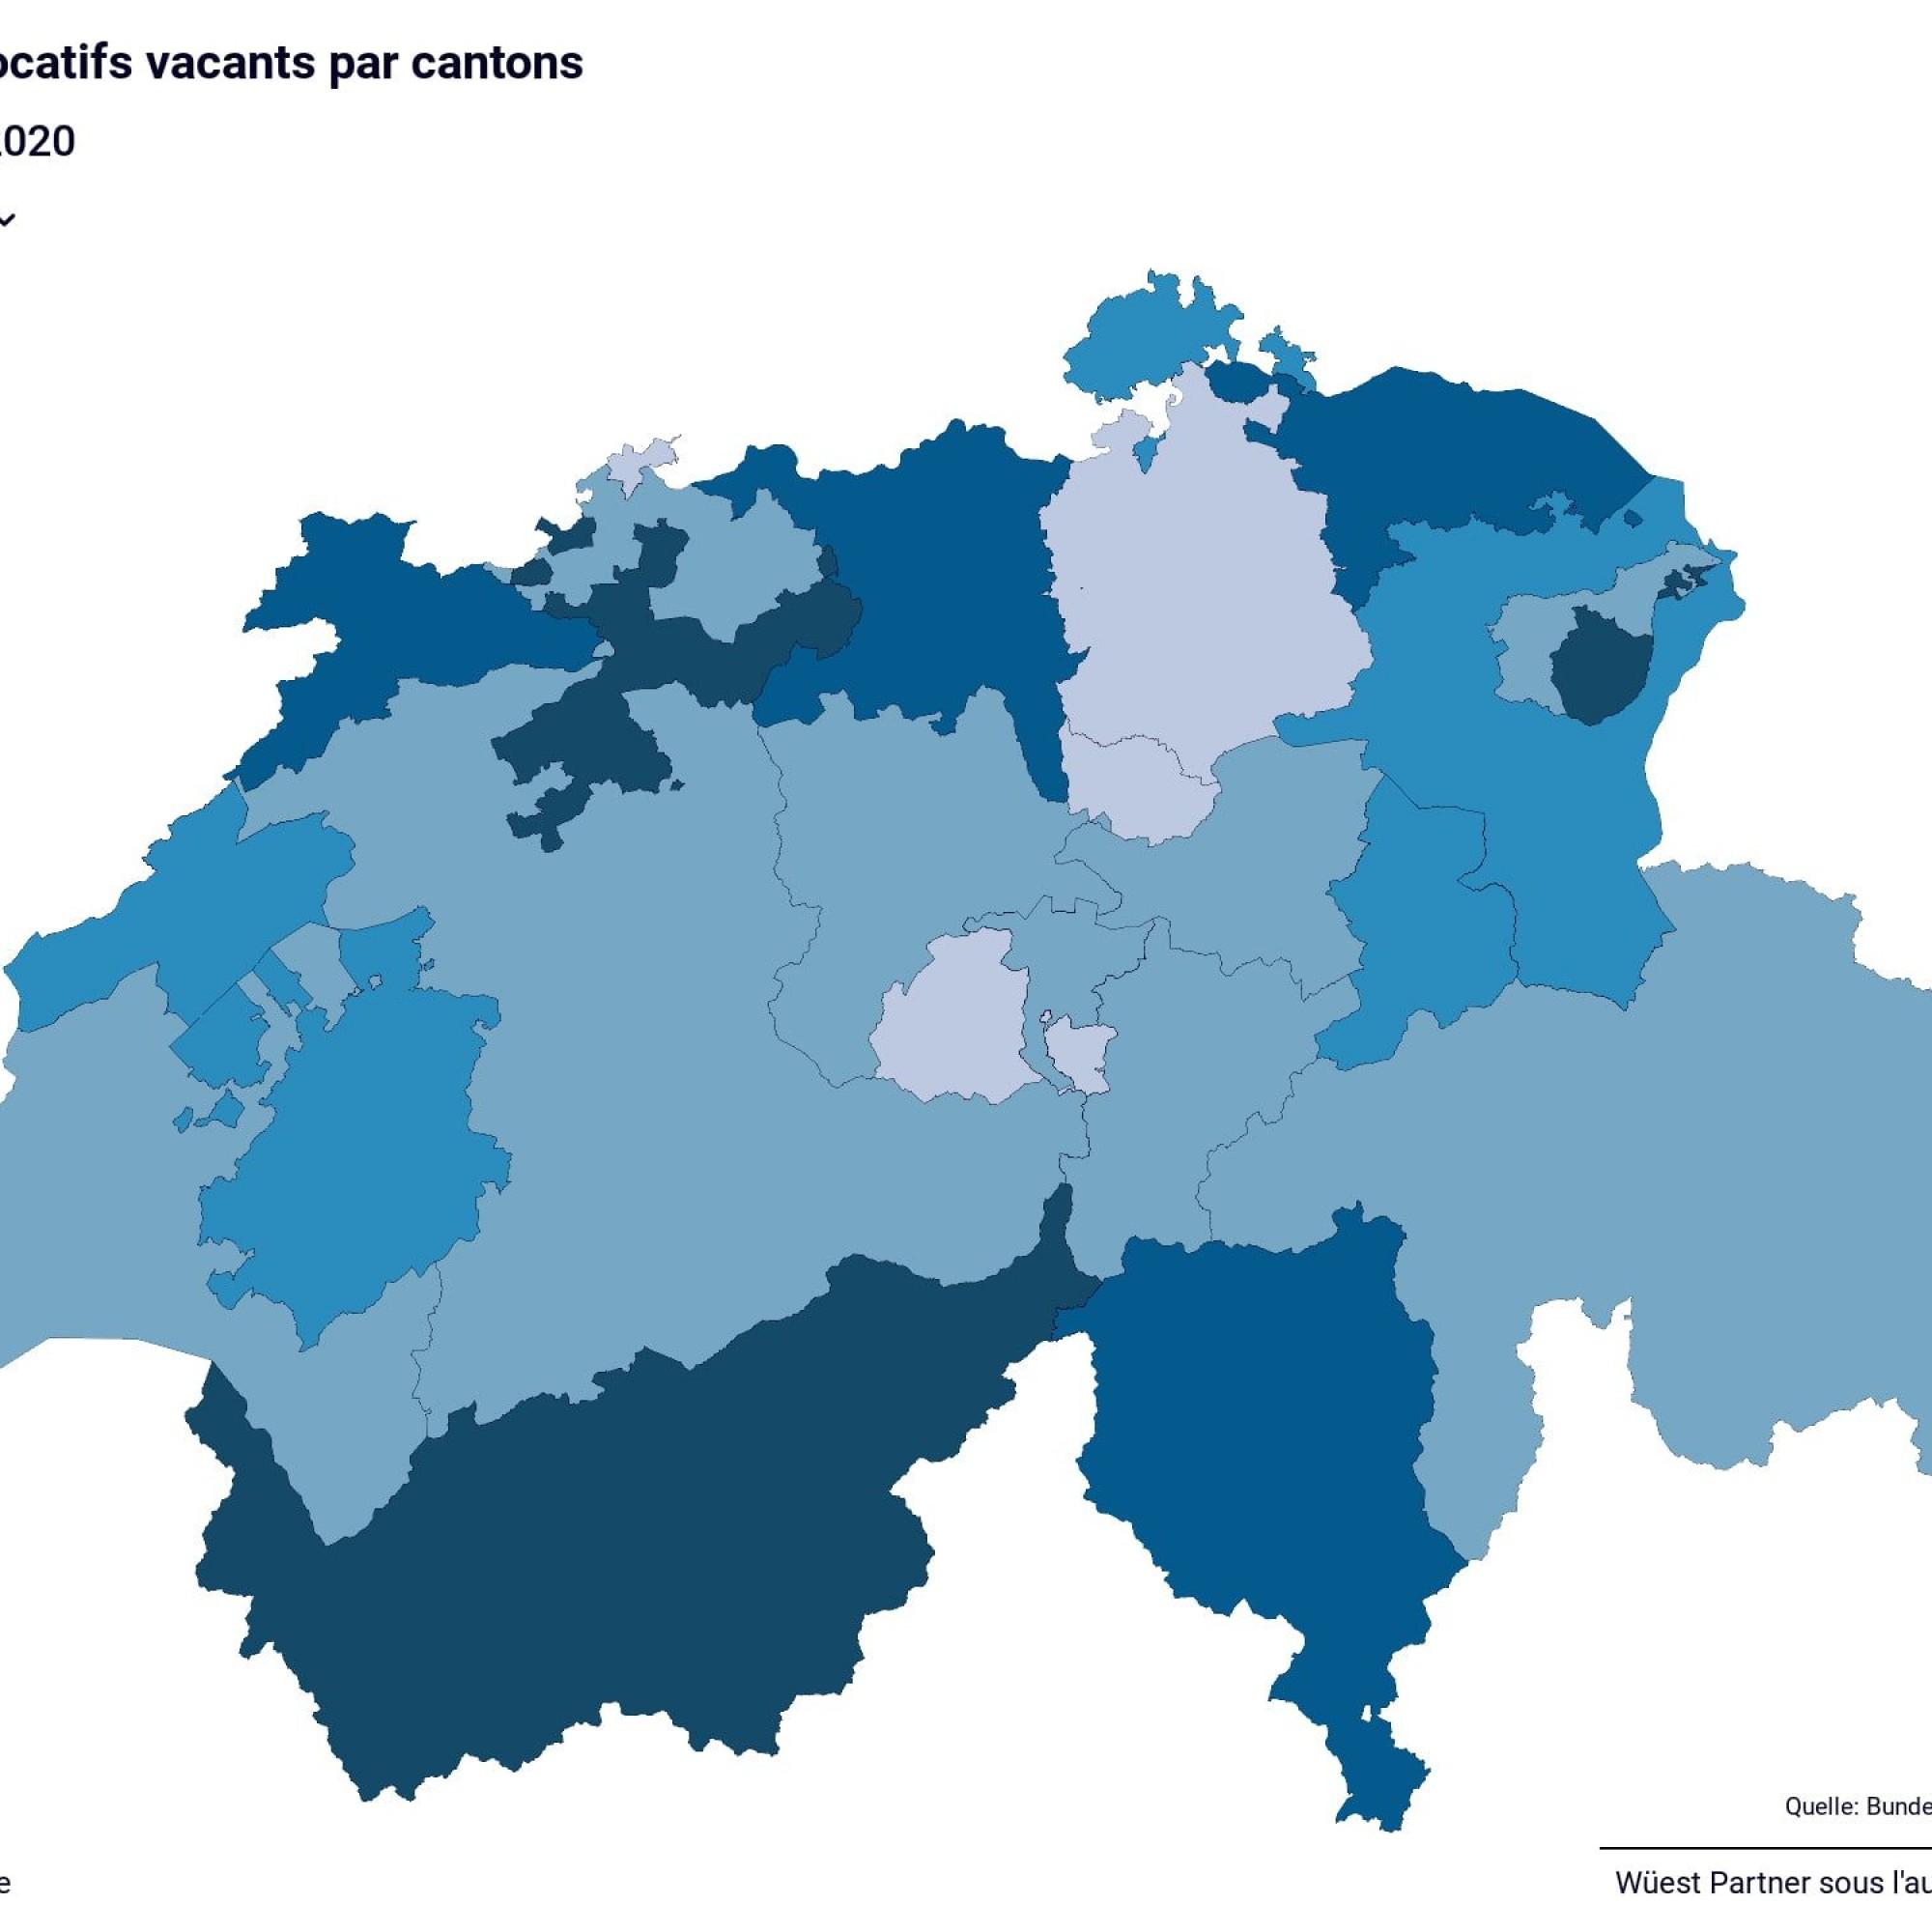 Premiers signes de surchauffe: 2,8 % des logements locatifs sont vacants en Suisse